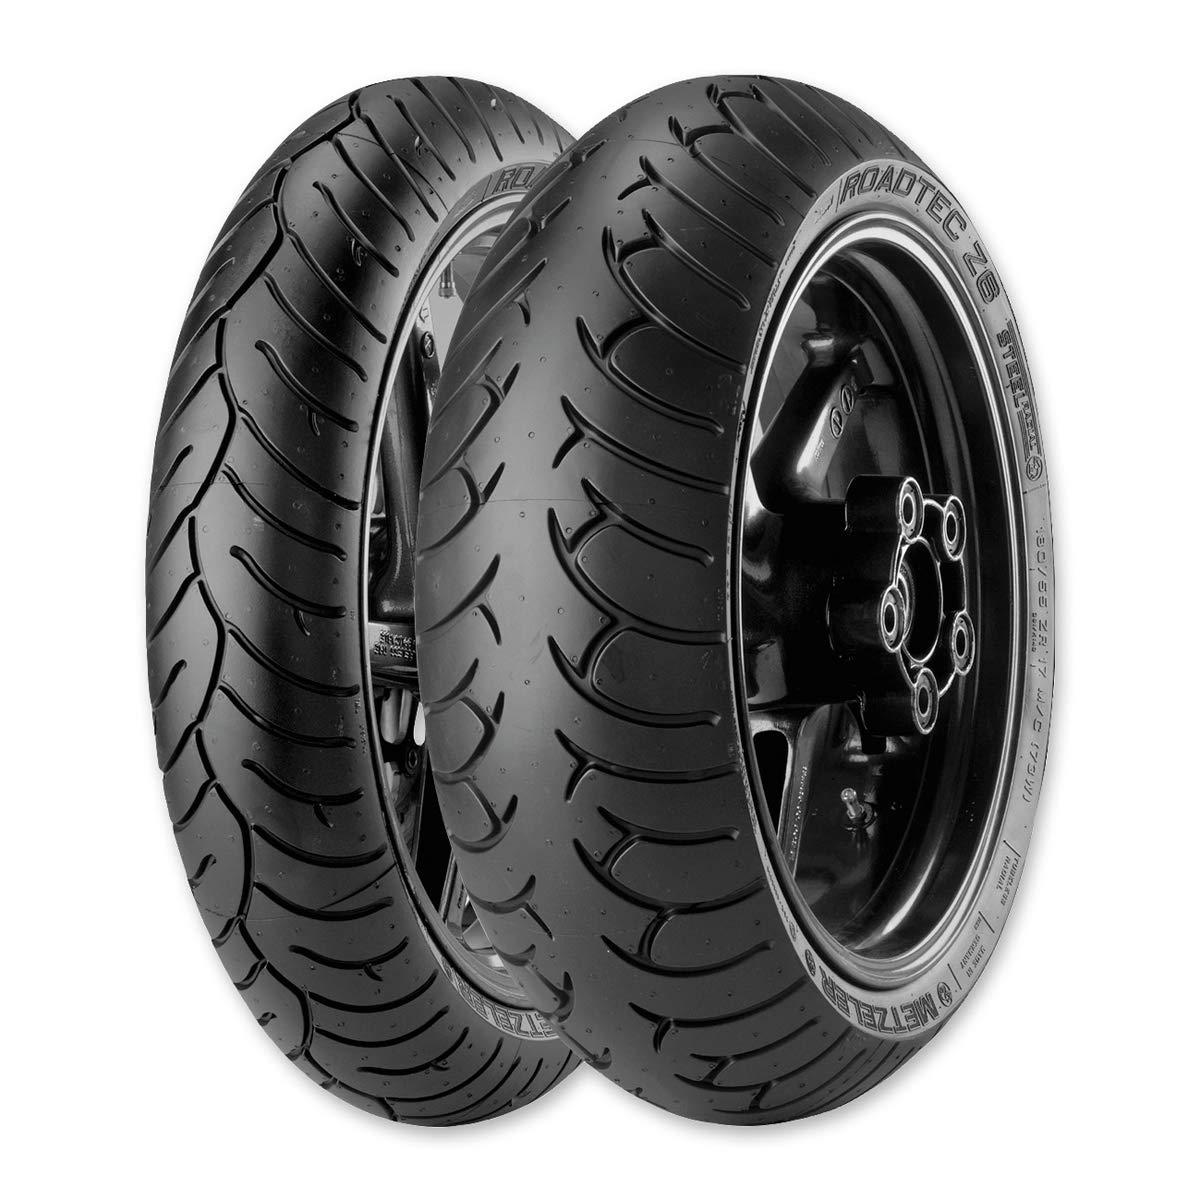 Metzeler Roadtec Z6 Rear Tire (180/55ZR17) 1448600